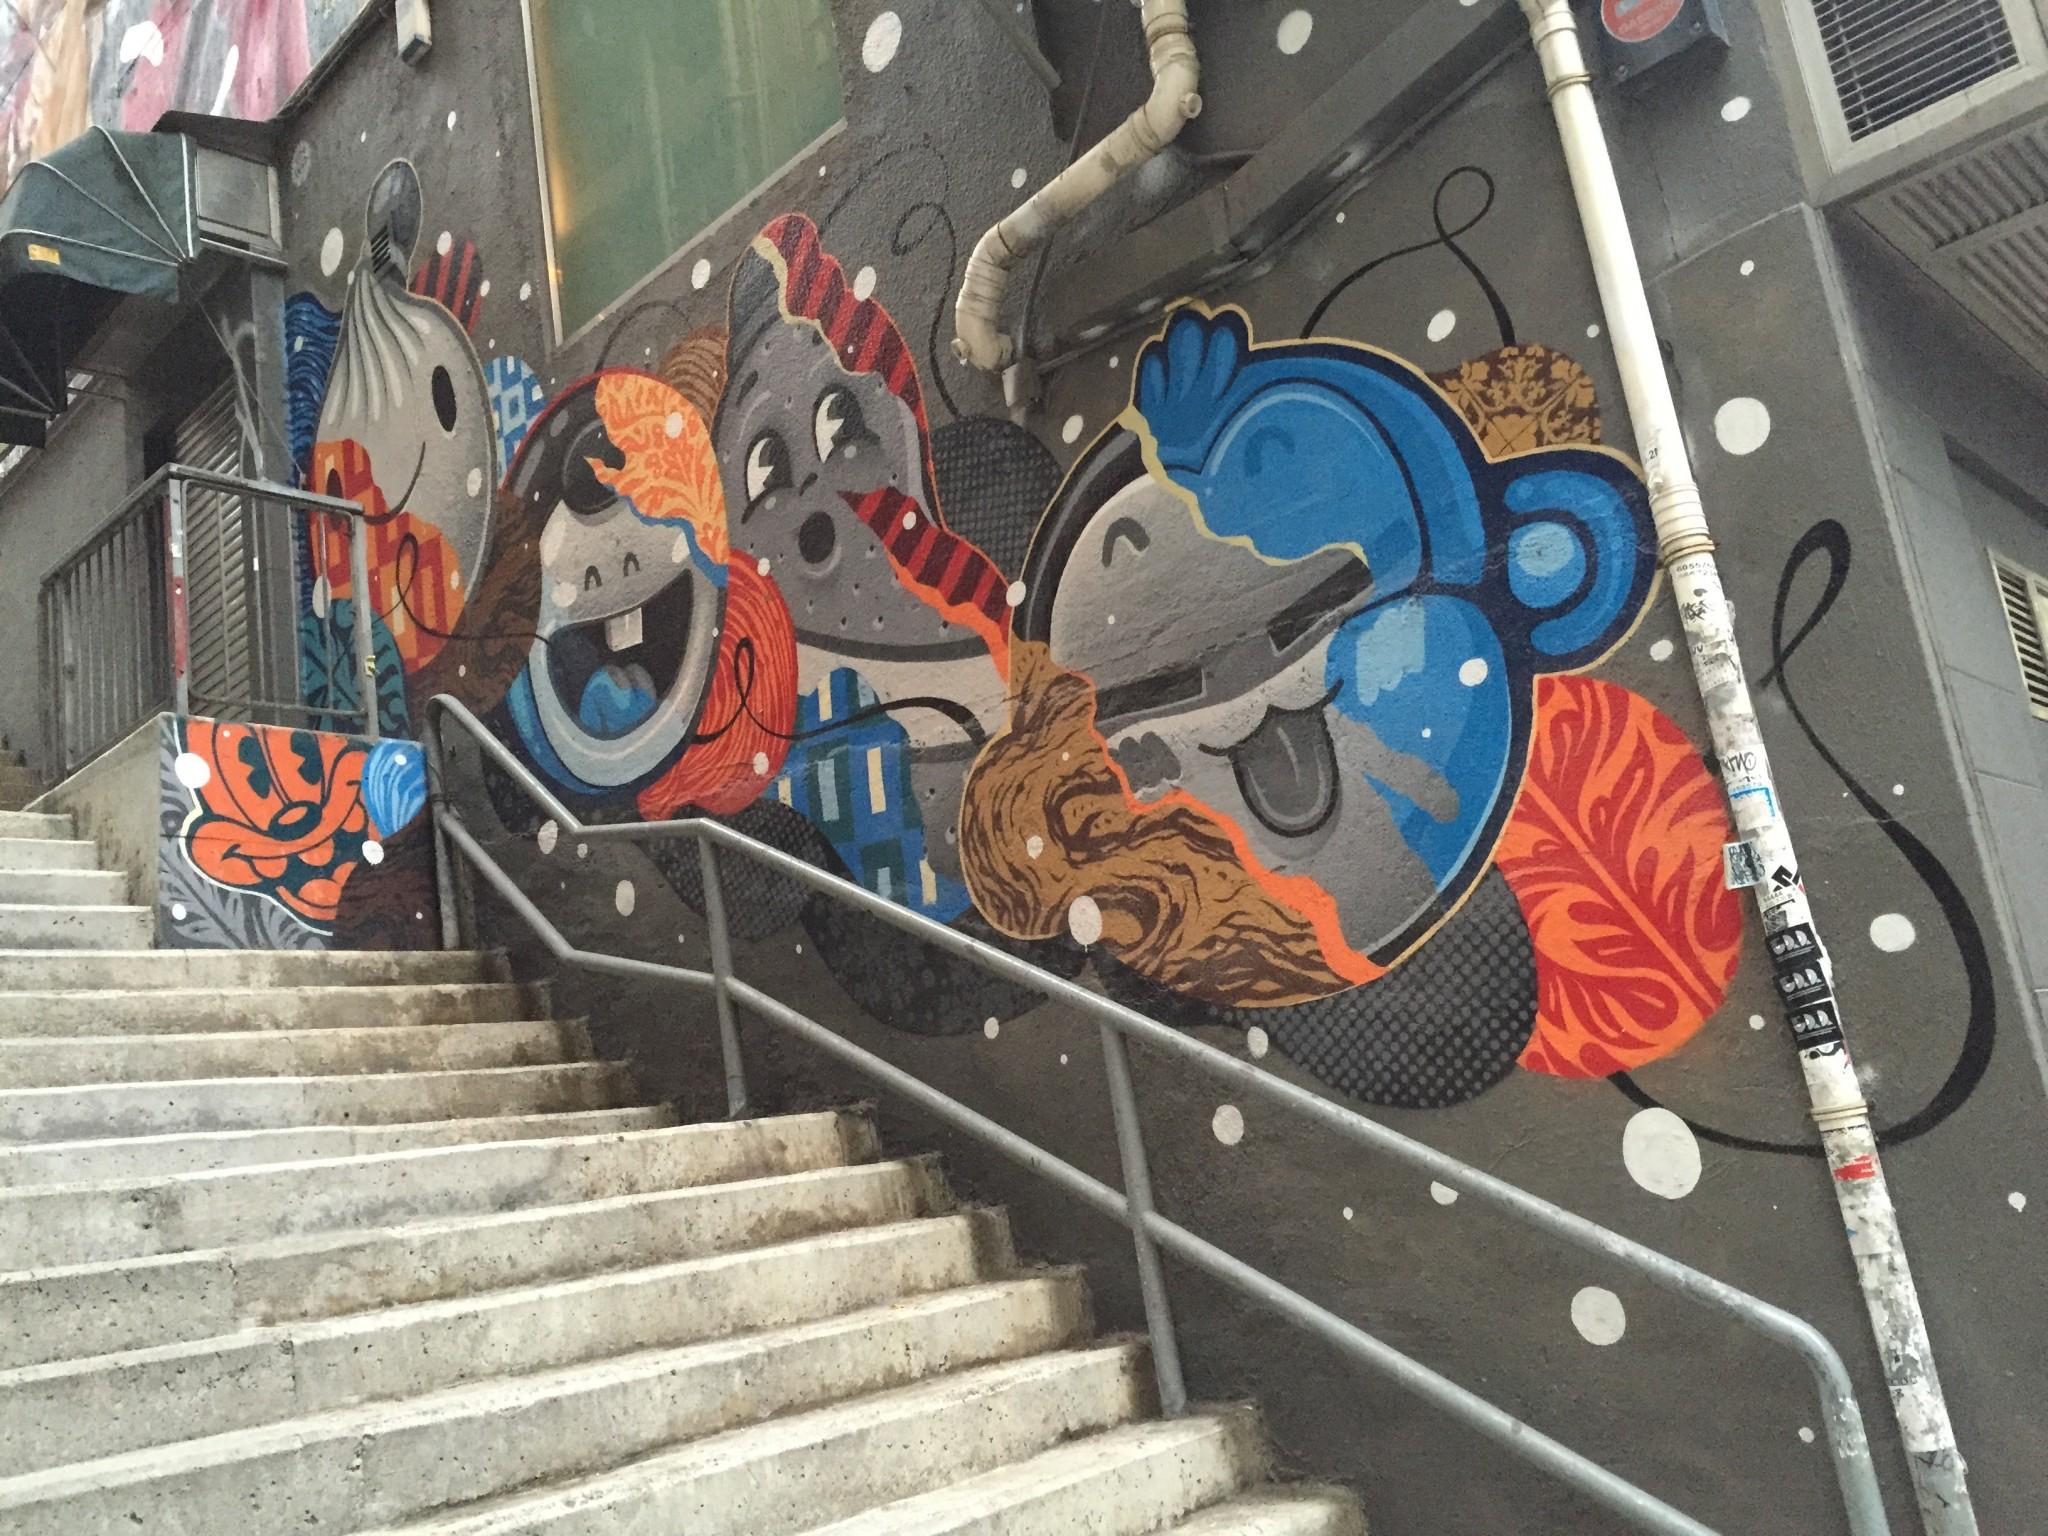 Tank lane stairway art